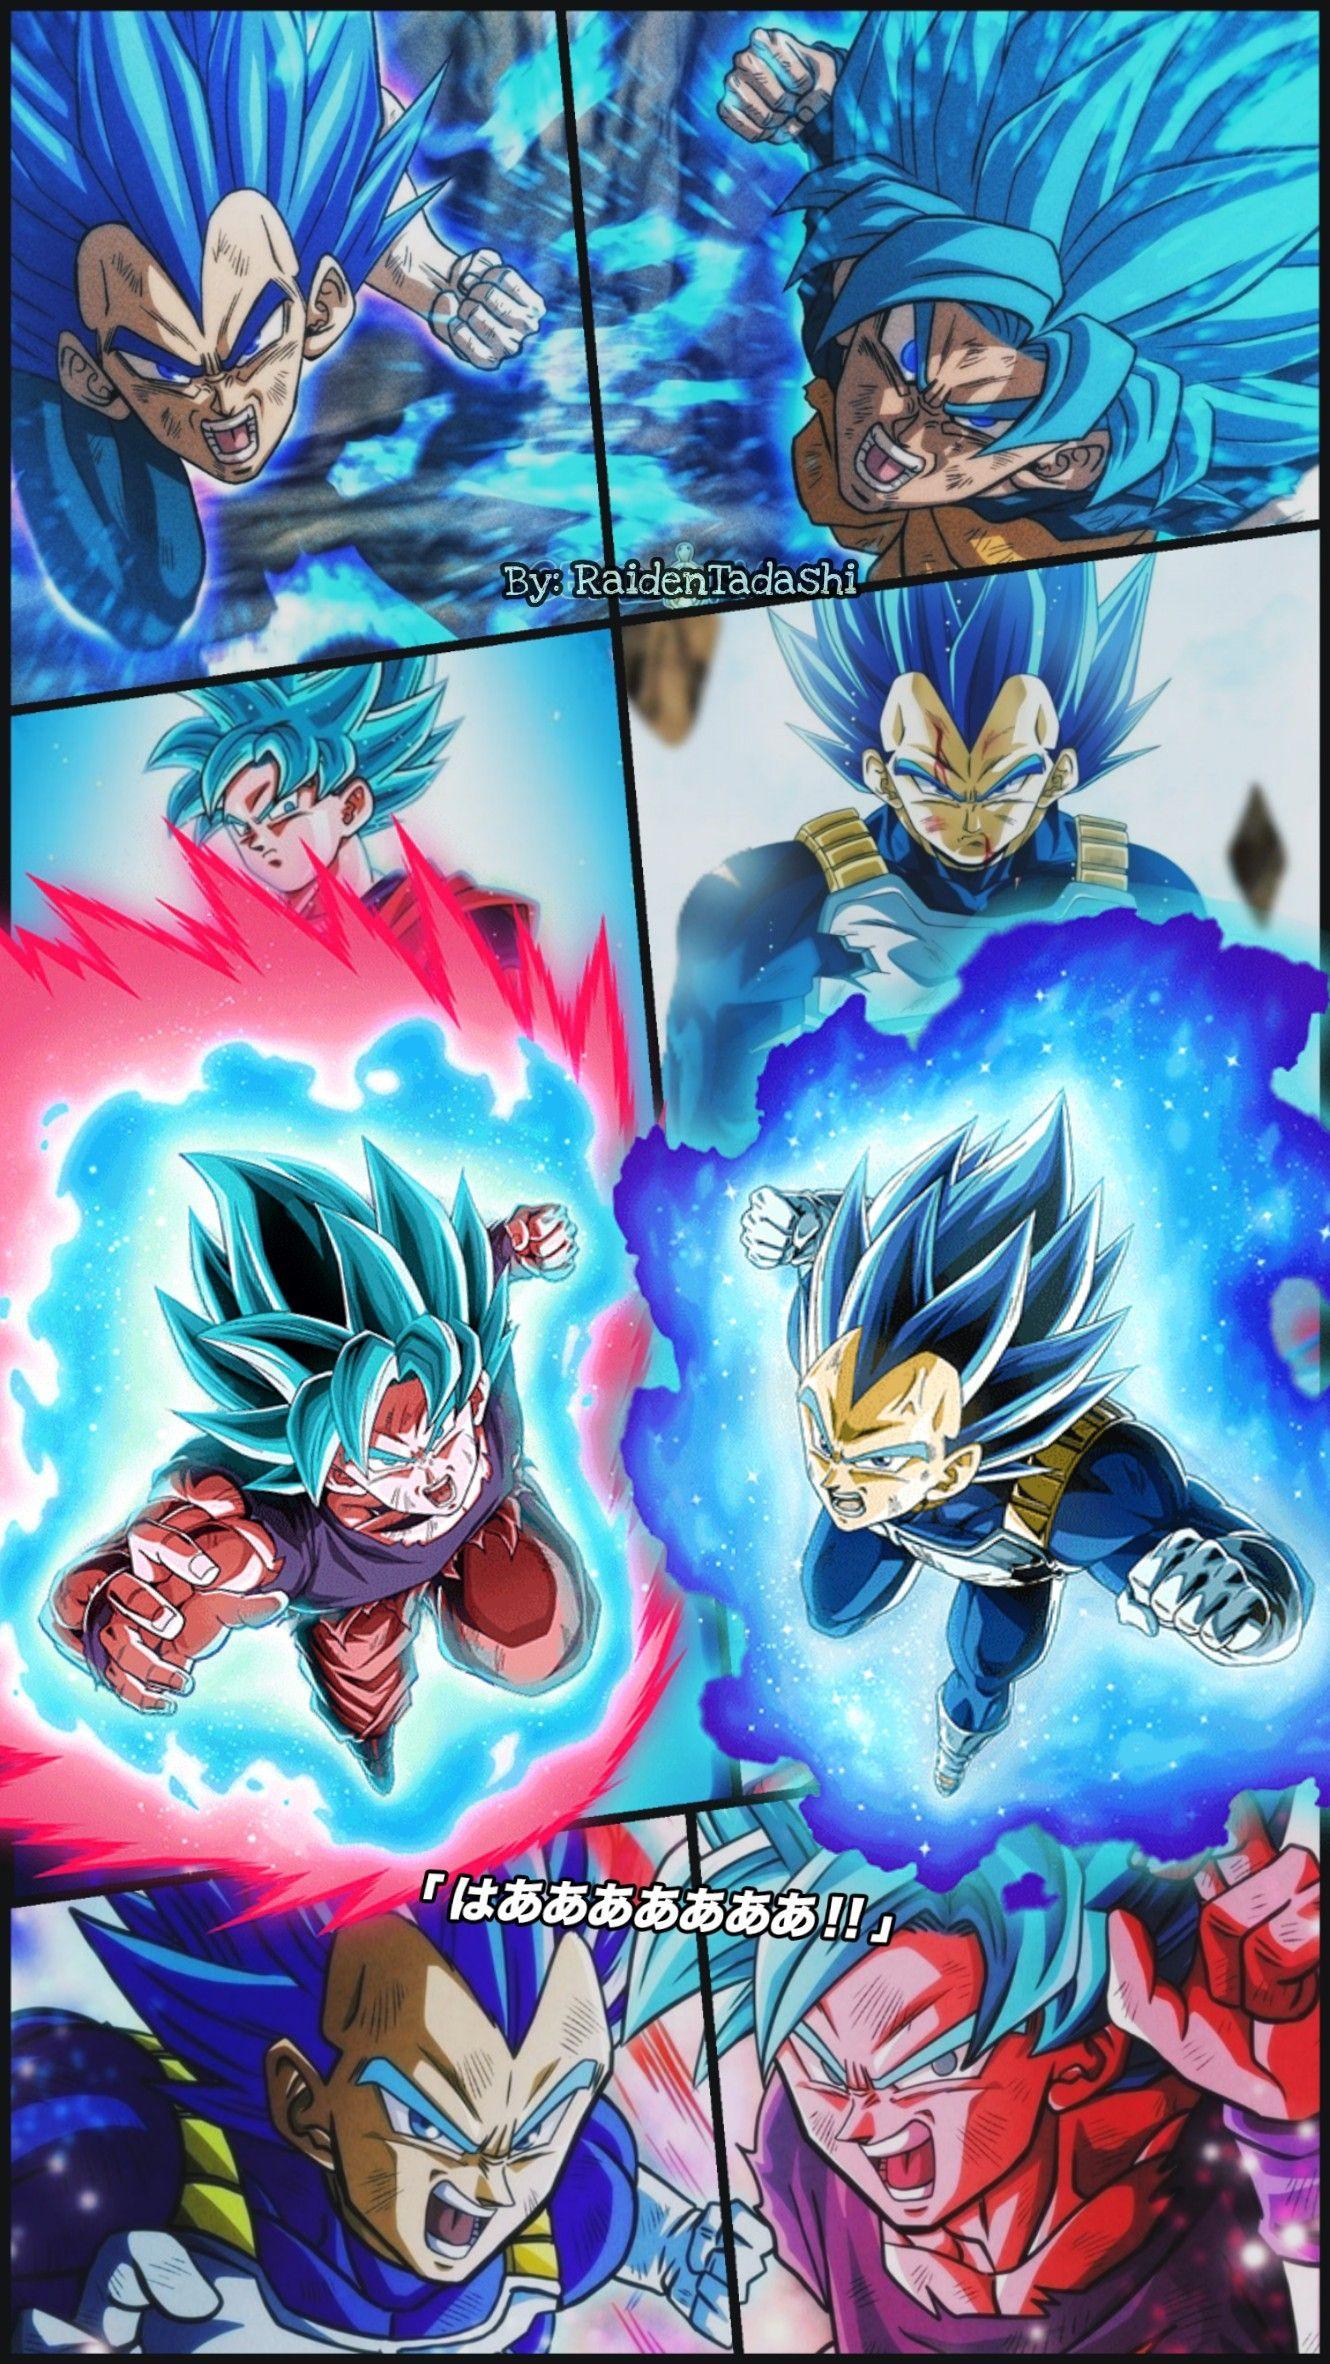 Goku Vegeta Wallpaper By Raidentadashi Anime Dragon Ball Super Dragon Ball Art Dragon Ball Super Goku